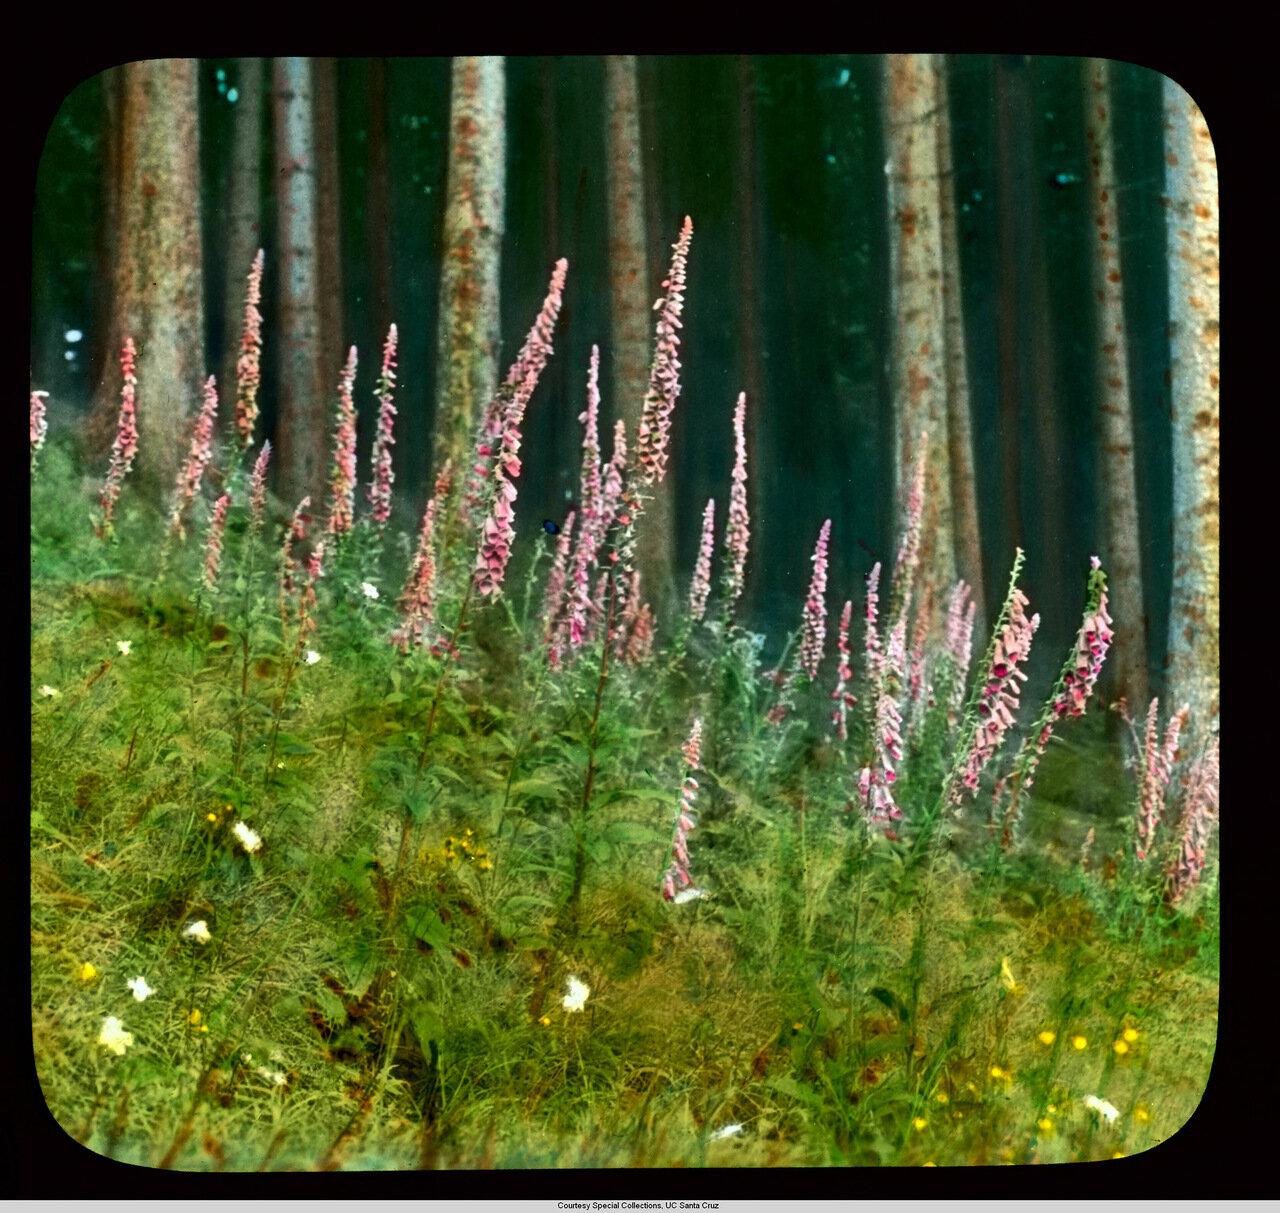 Цветы Германии. Наперстянка пурпурная растушая в Черном лесу